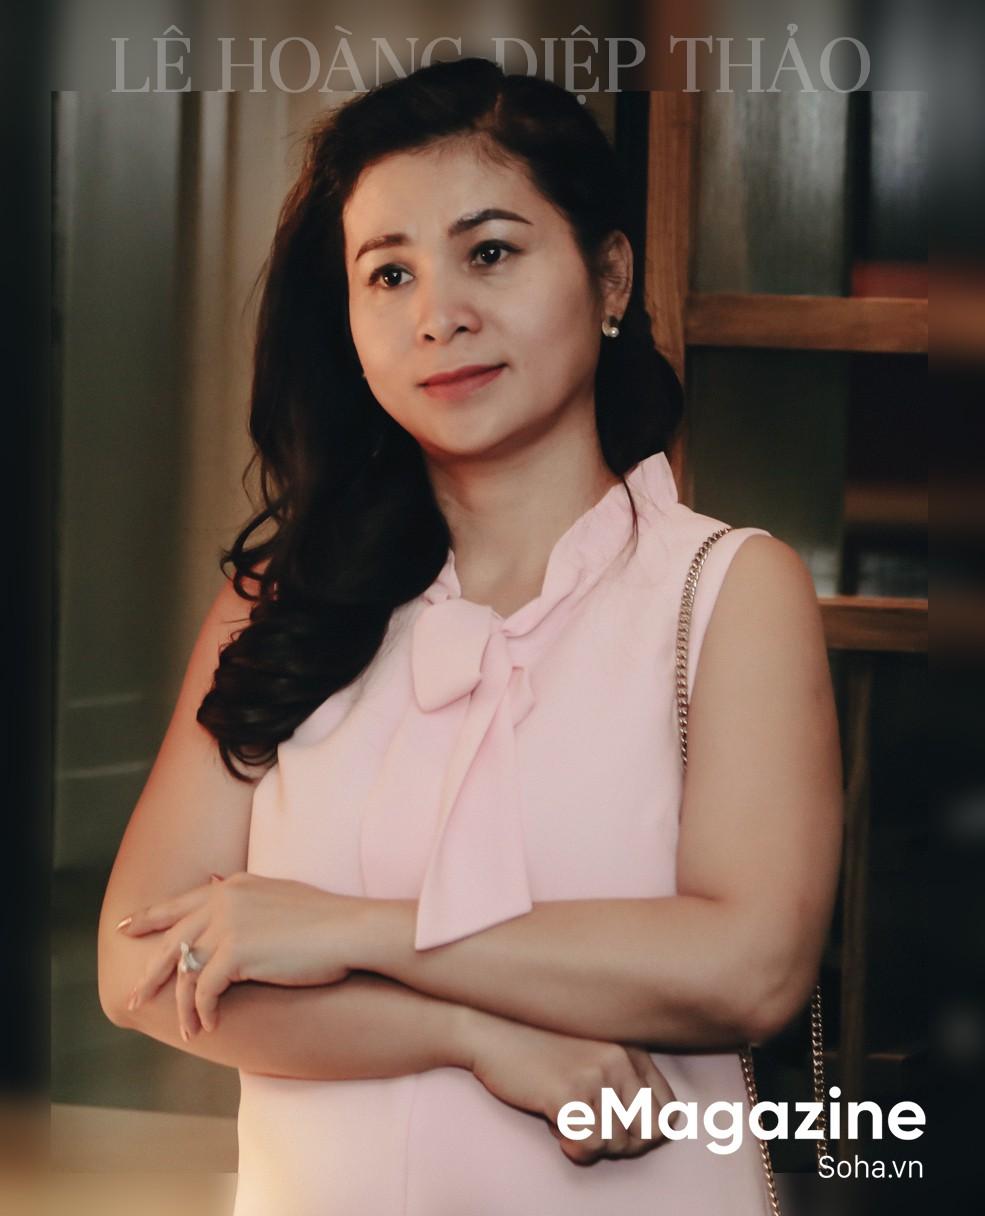 """Bà Lê Hoàng Diệp Thảo: """"49 ngày nhịn ăn đã cướp đi Đặng Lê Nguyên Vũ tuyệt vời của tôi"""" - Ảnh 4."""